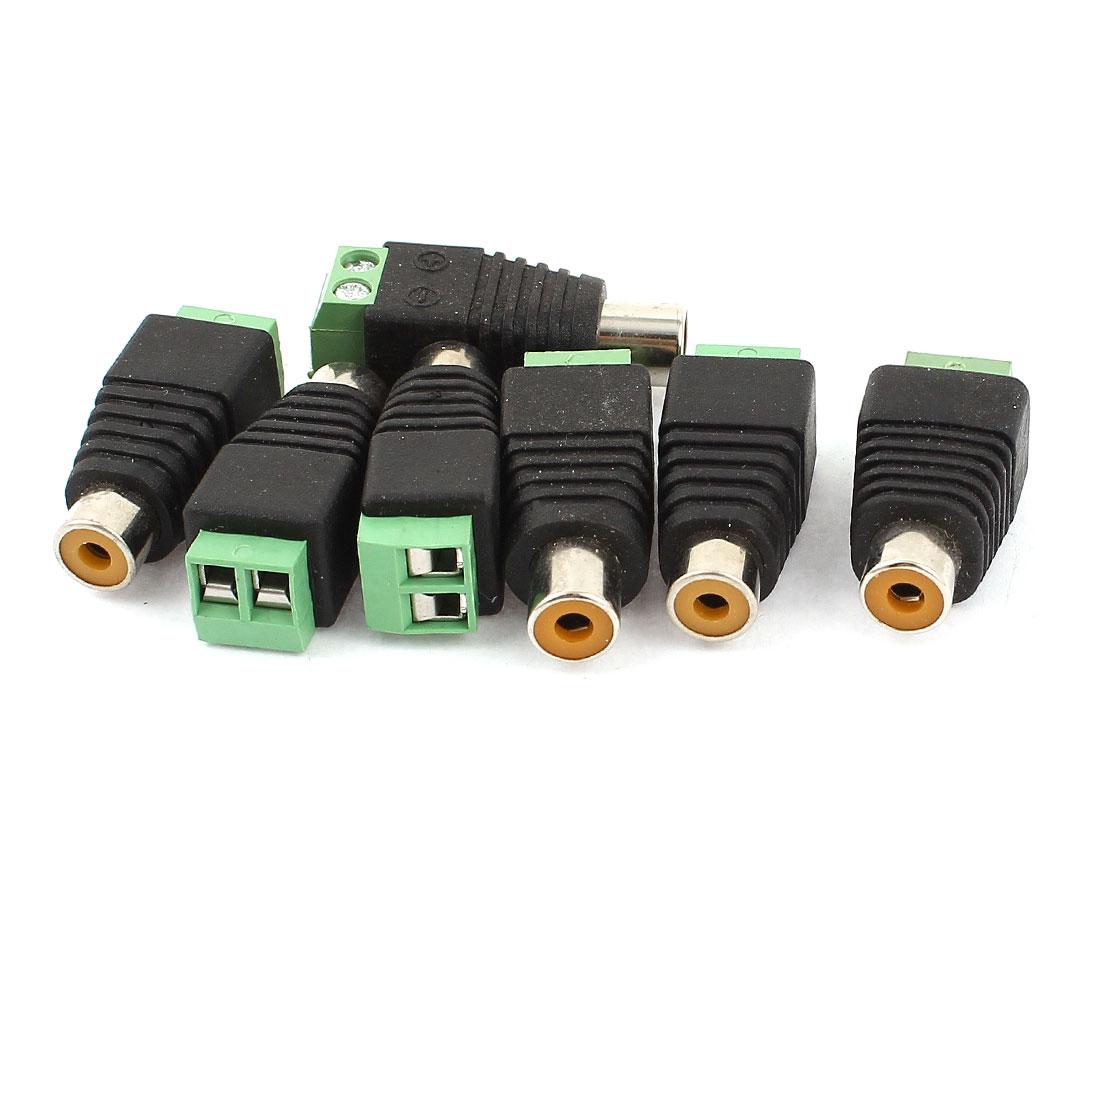 7pcs UTP Cat5/Cat6 Cable to AV RCA Female Screw Terminal Audio Video Connector